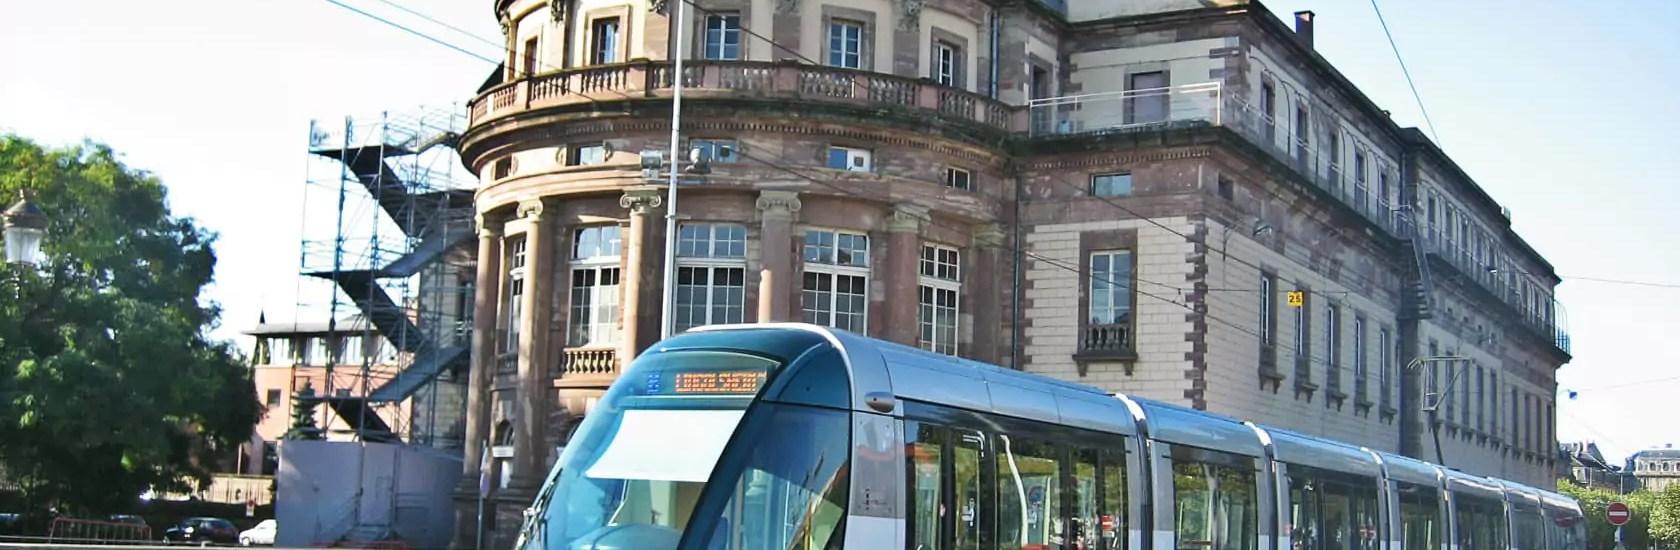 Avec l'extension du tram, il faudra attendre plus longtemps